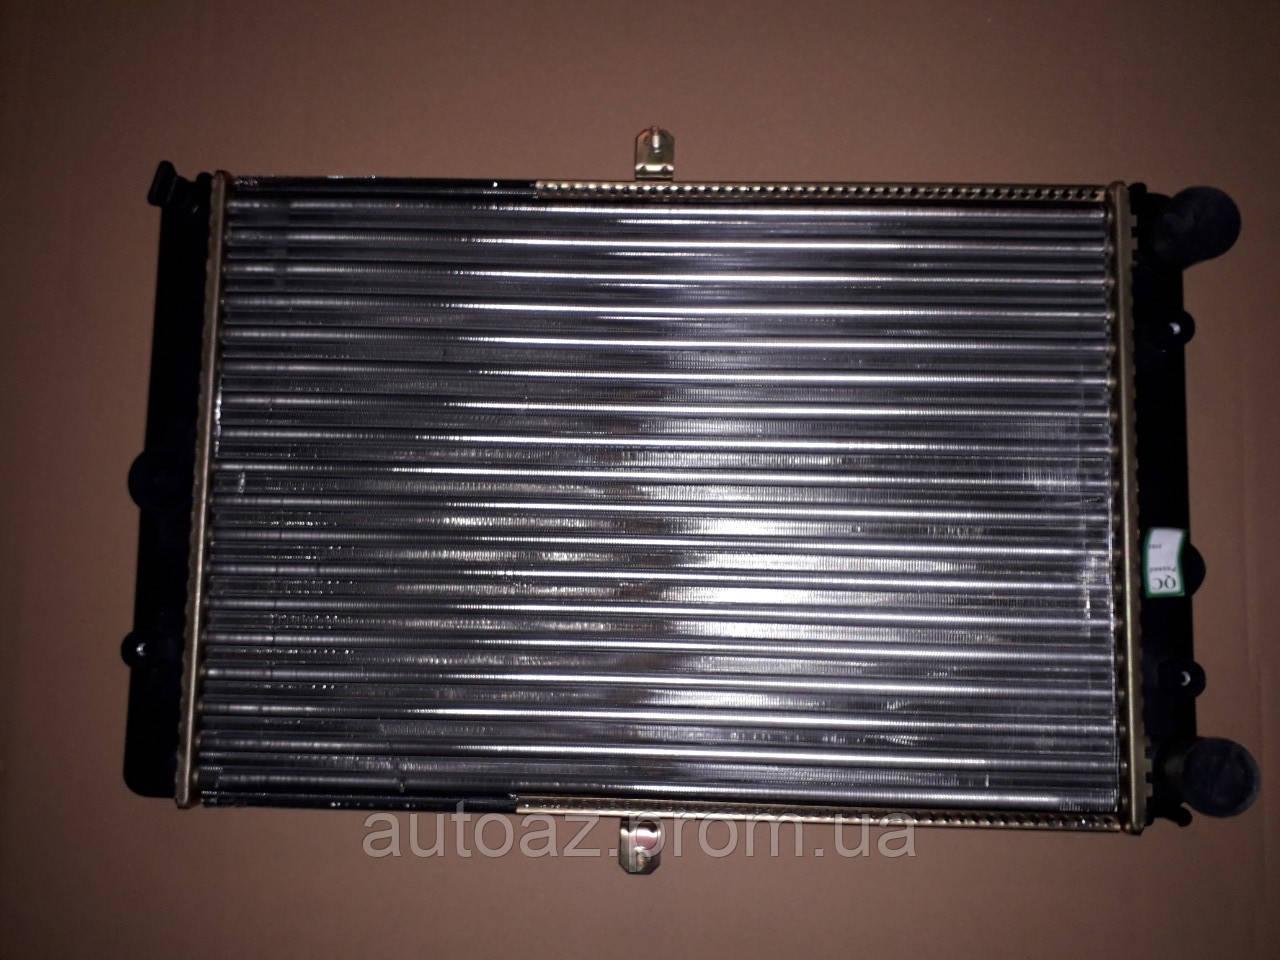 Радиатор водяного охлаждения ВАЗ 2108, ВАЗ 2109, ВАЗ 2113, ВАЗ 2115 алюминиевый карбюратор и инжектор